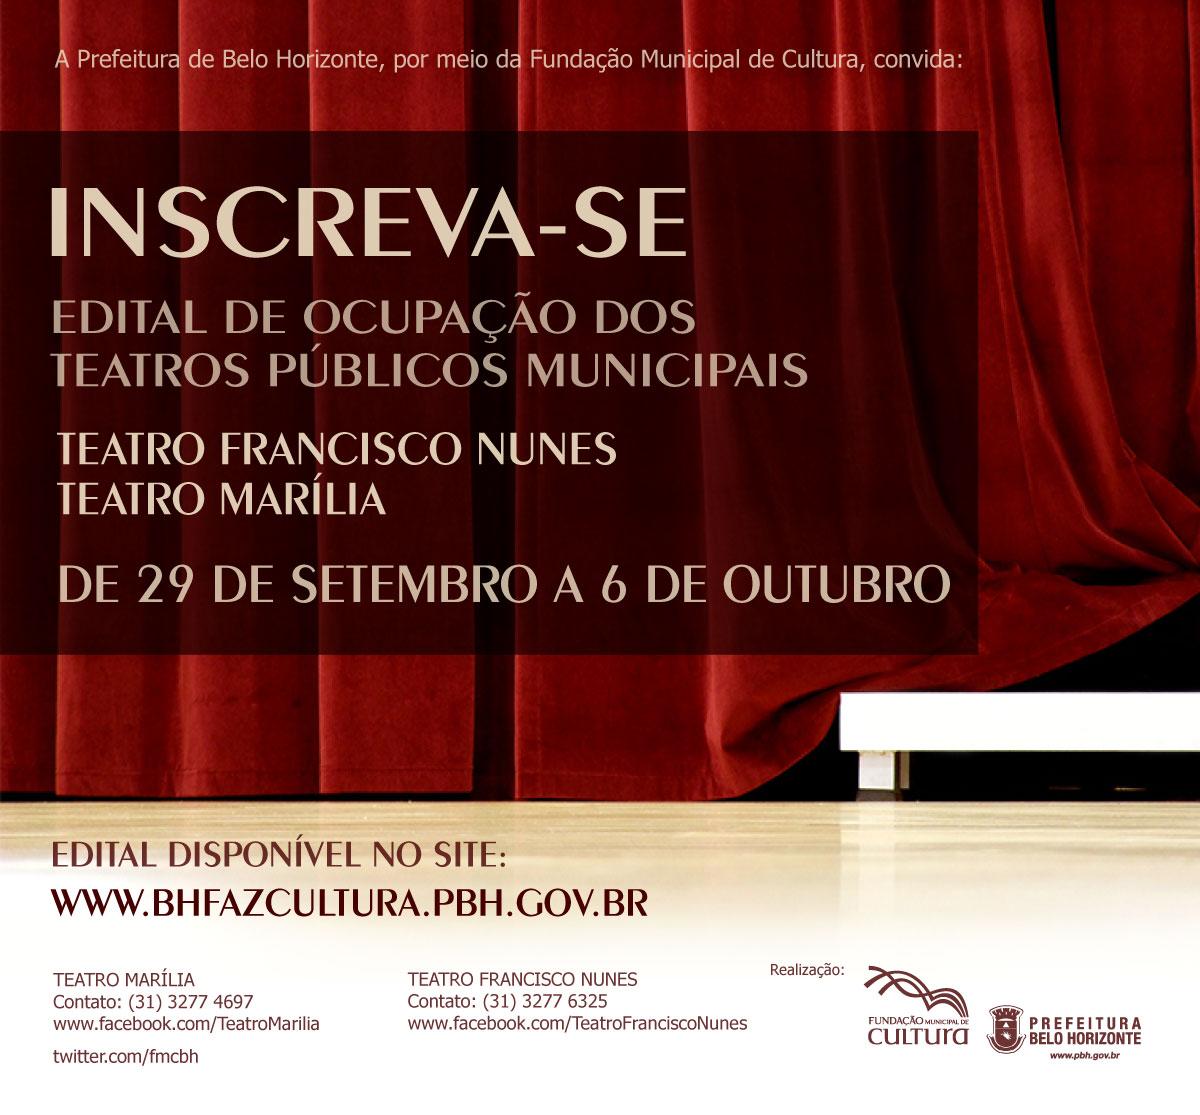 Edital de Ocupação dos Teatros Municipais - Francisco Nunes e Marília